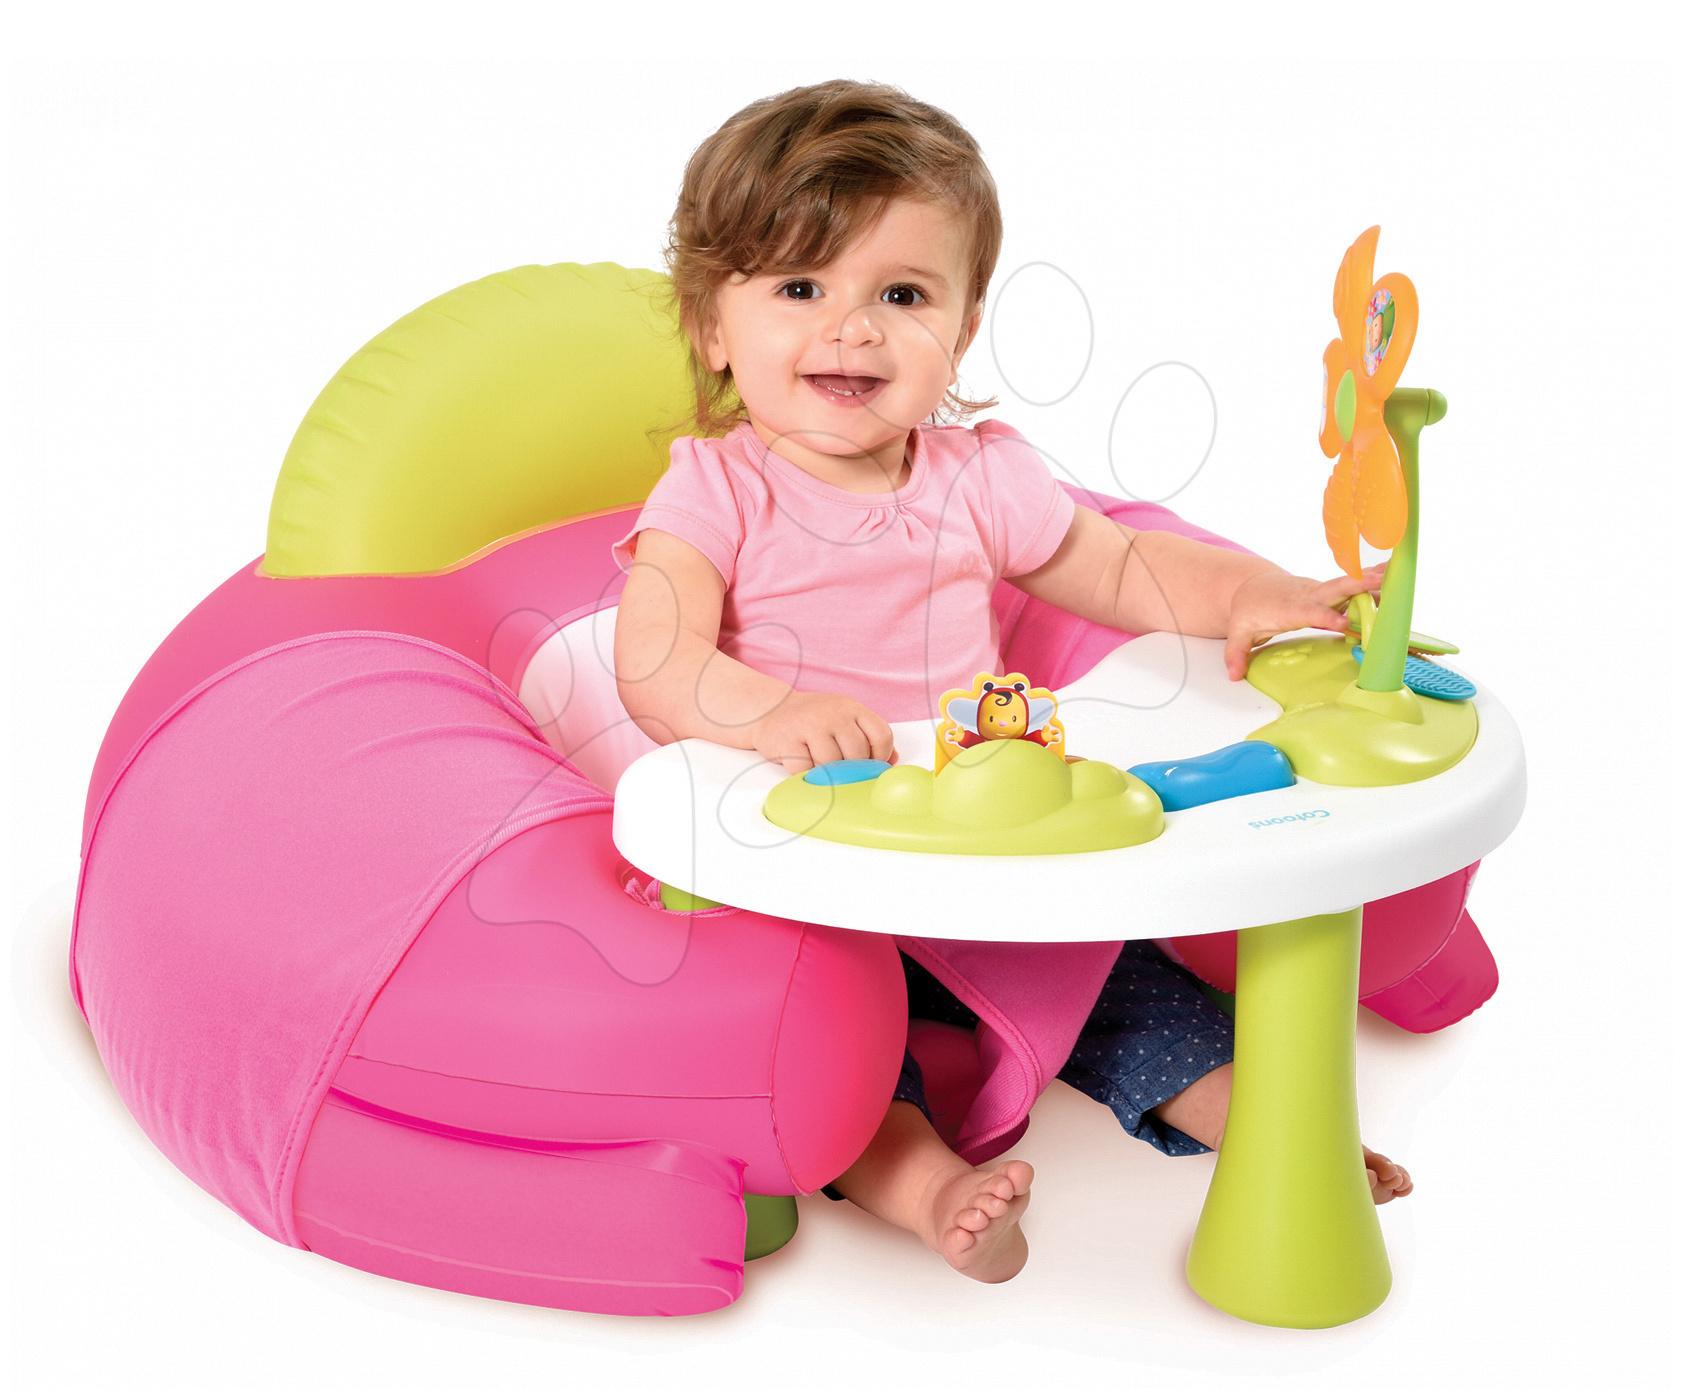 Fotoliu gonflabil Cotoons Smoby cu măsuţă educativă roz de la 6 luni